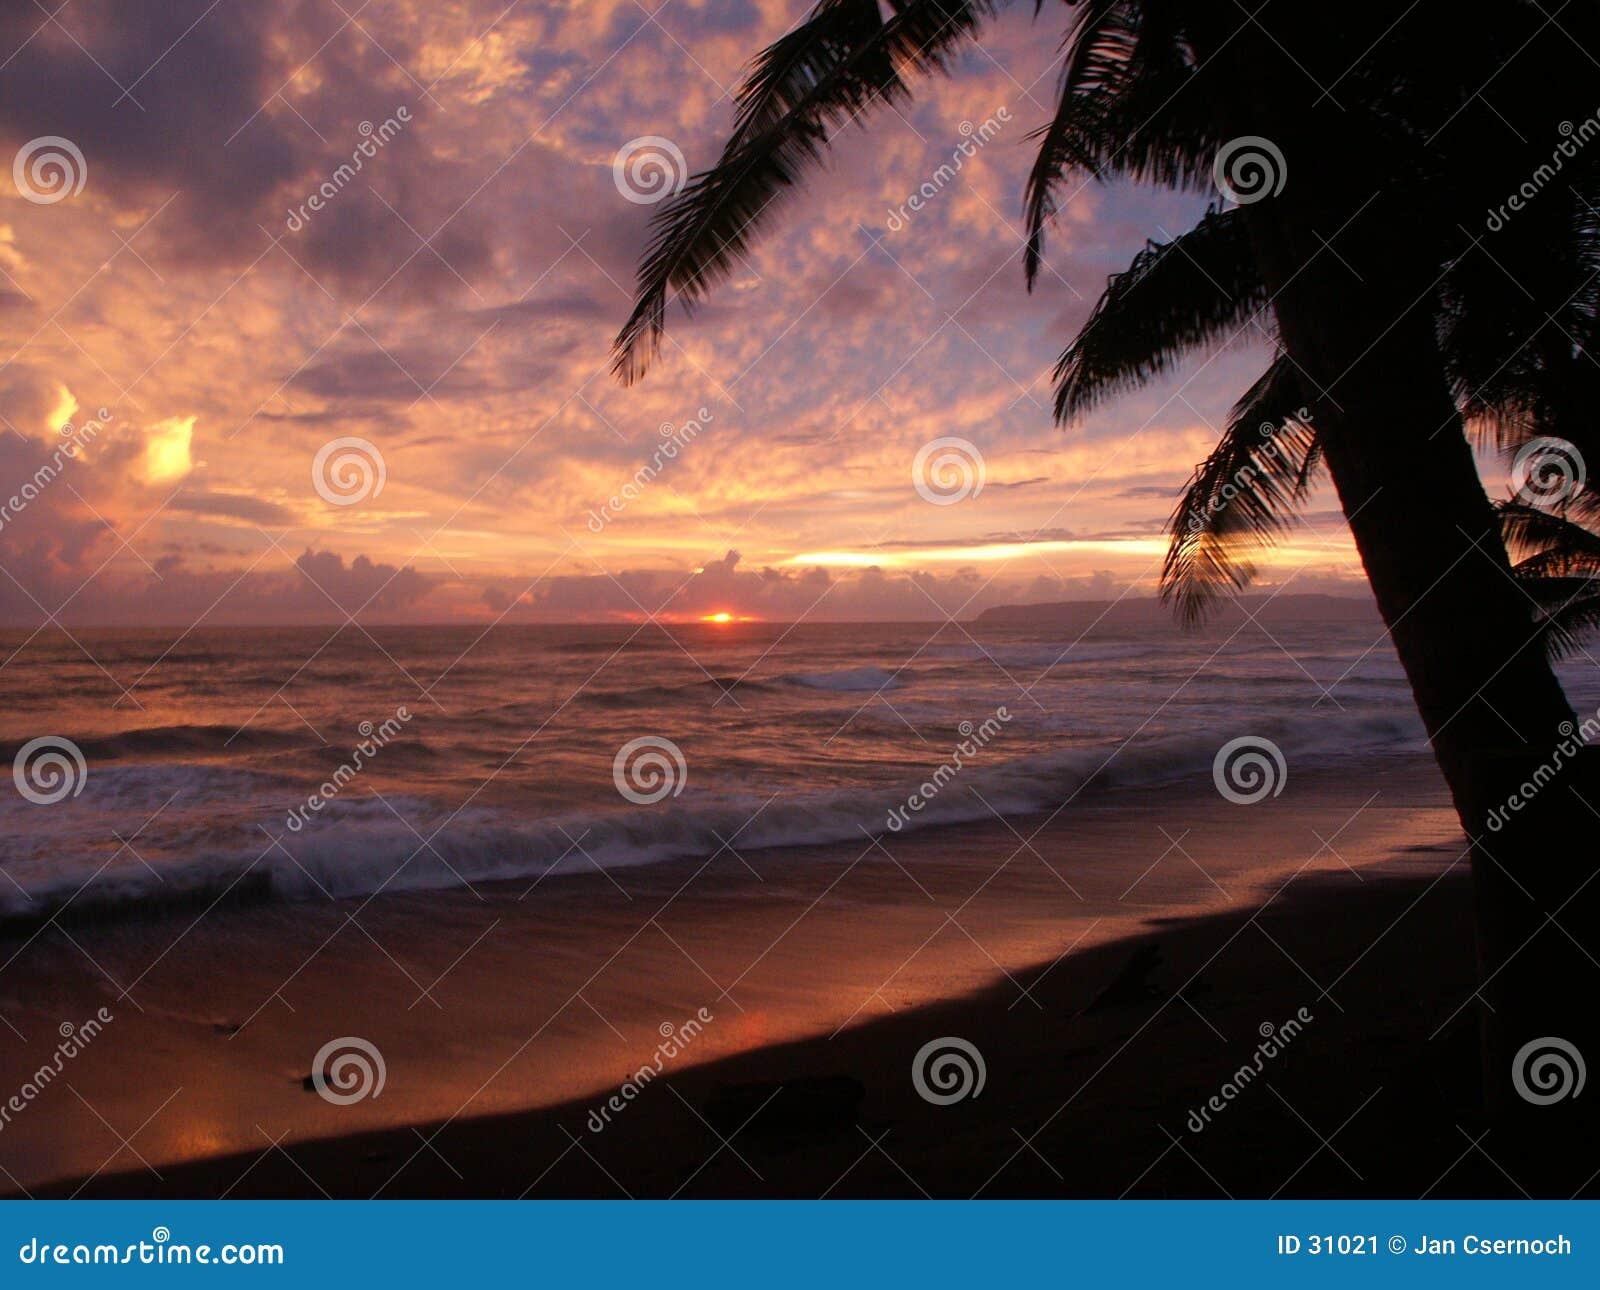 Sunset in Punta Banco